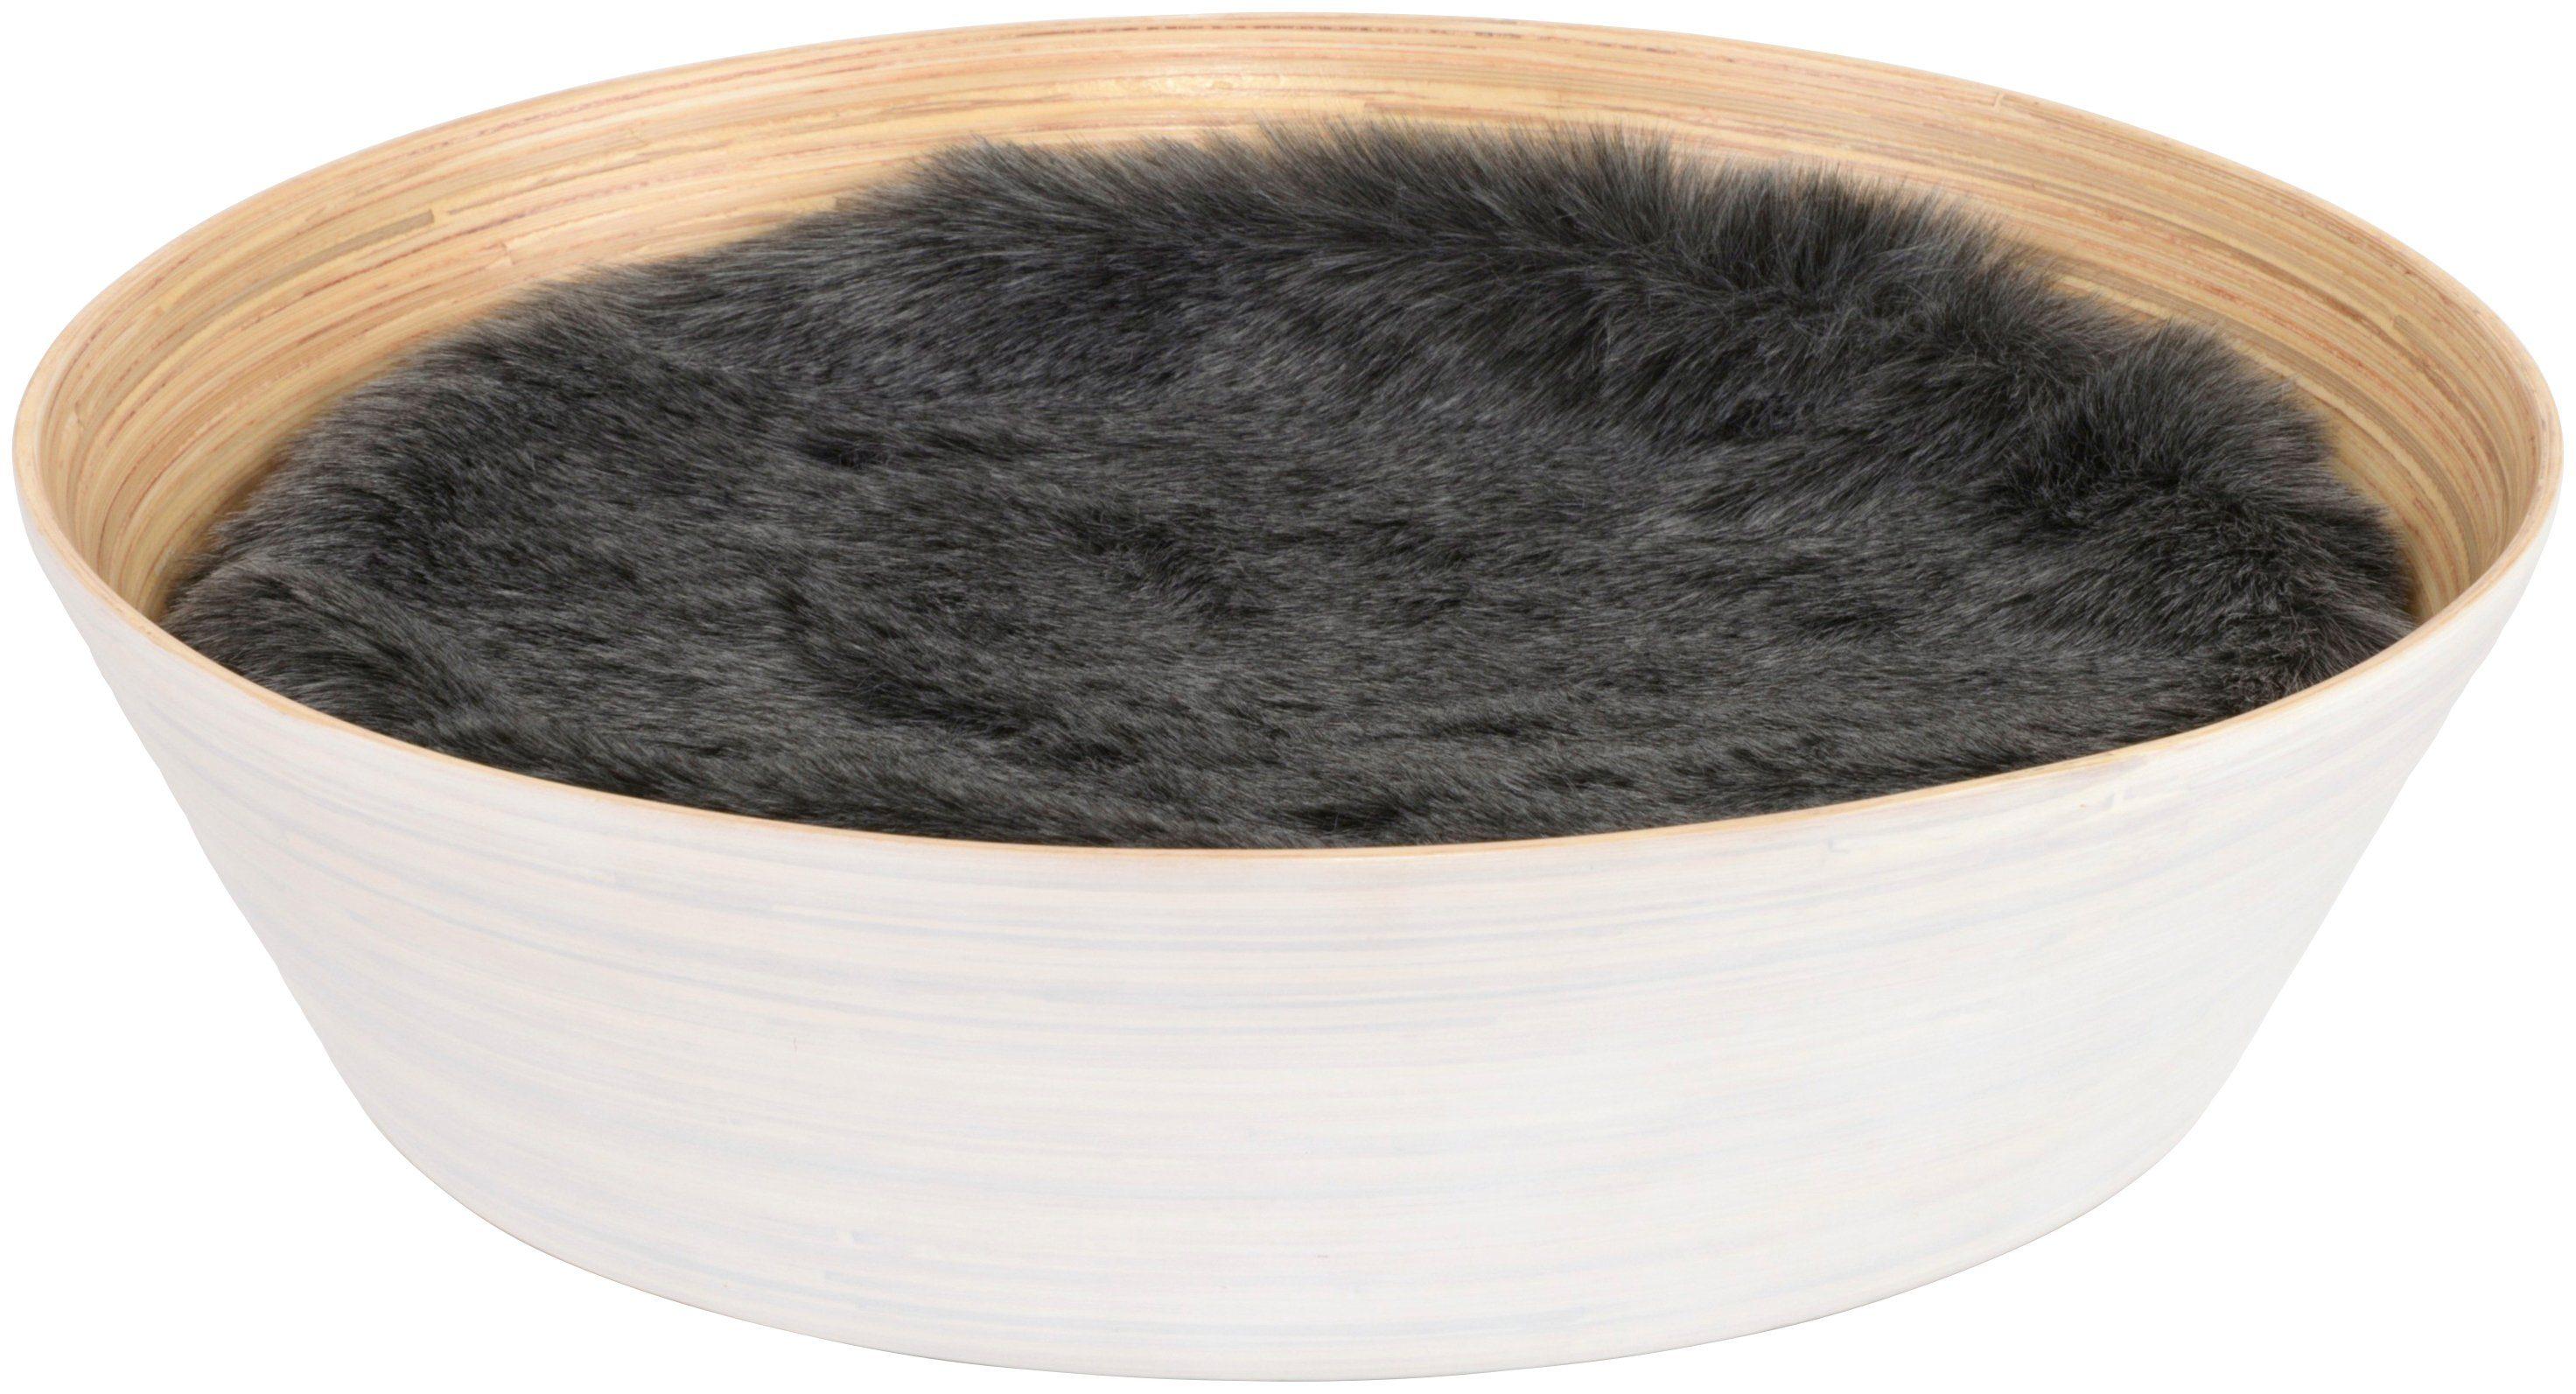 SILVIO DESIGN Katzenkorb »Ajumi Gr. 1«, B/L/H: 45/45/12 cm, weiß